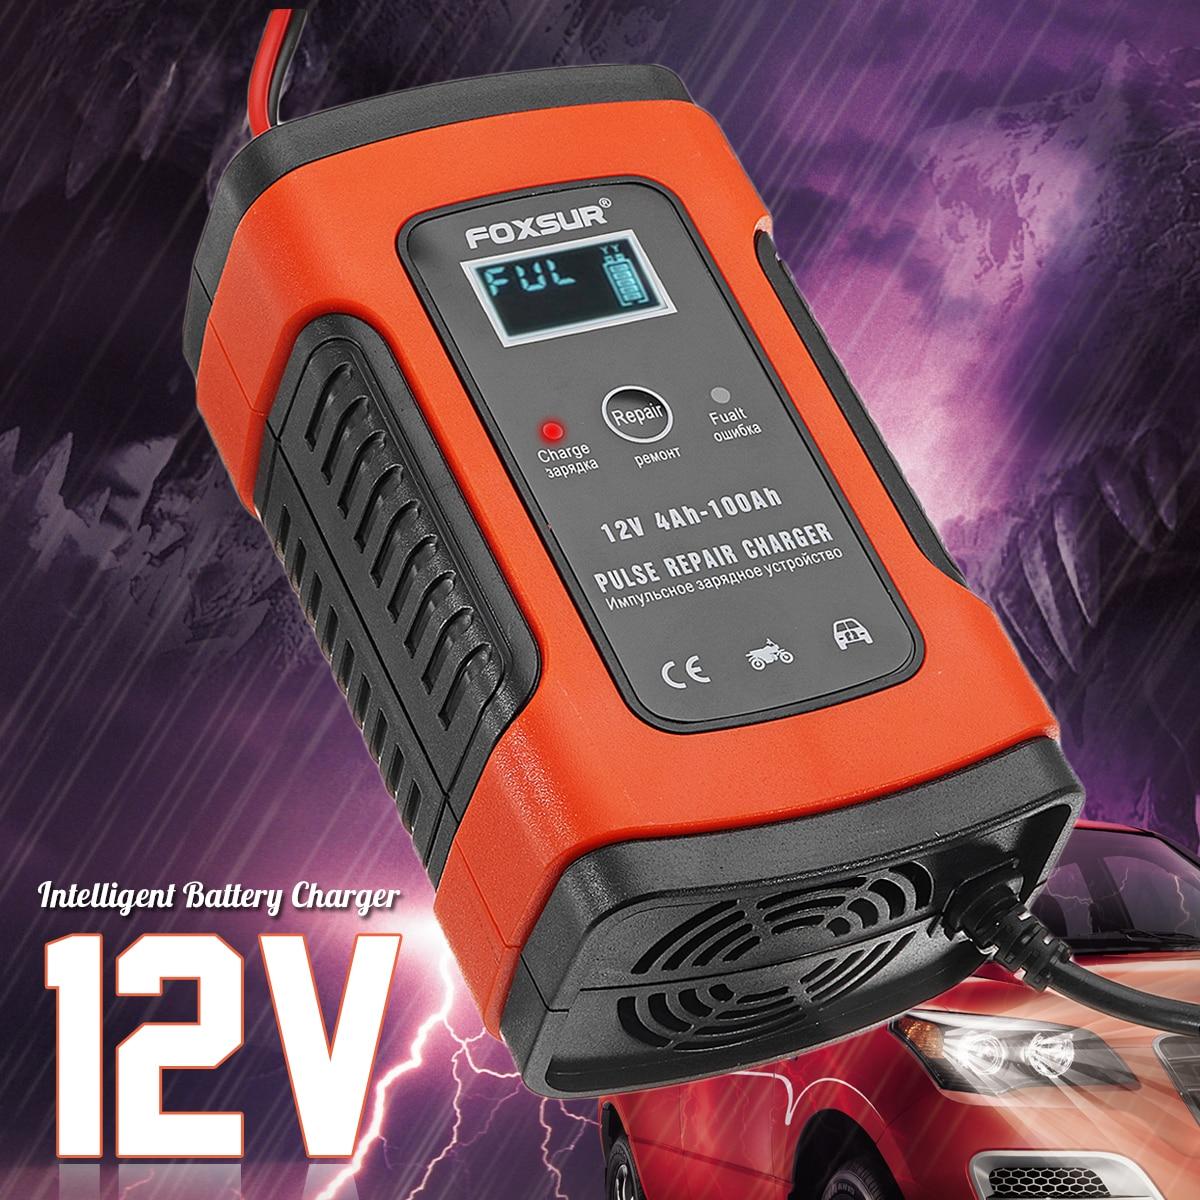 Cargador de batería de reparación 12V 5A pulso LCD para coche motocicleta Gel AGM ácido de plomo húmedo enchufe UE/EE. UU. Protección contra sobrecalentamiento restaurar vaciado